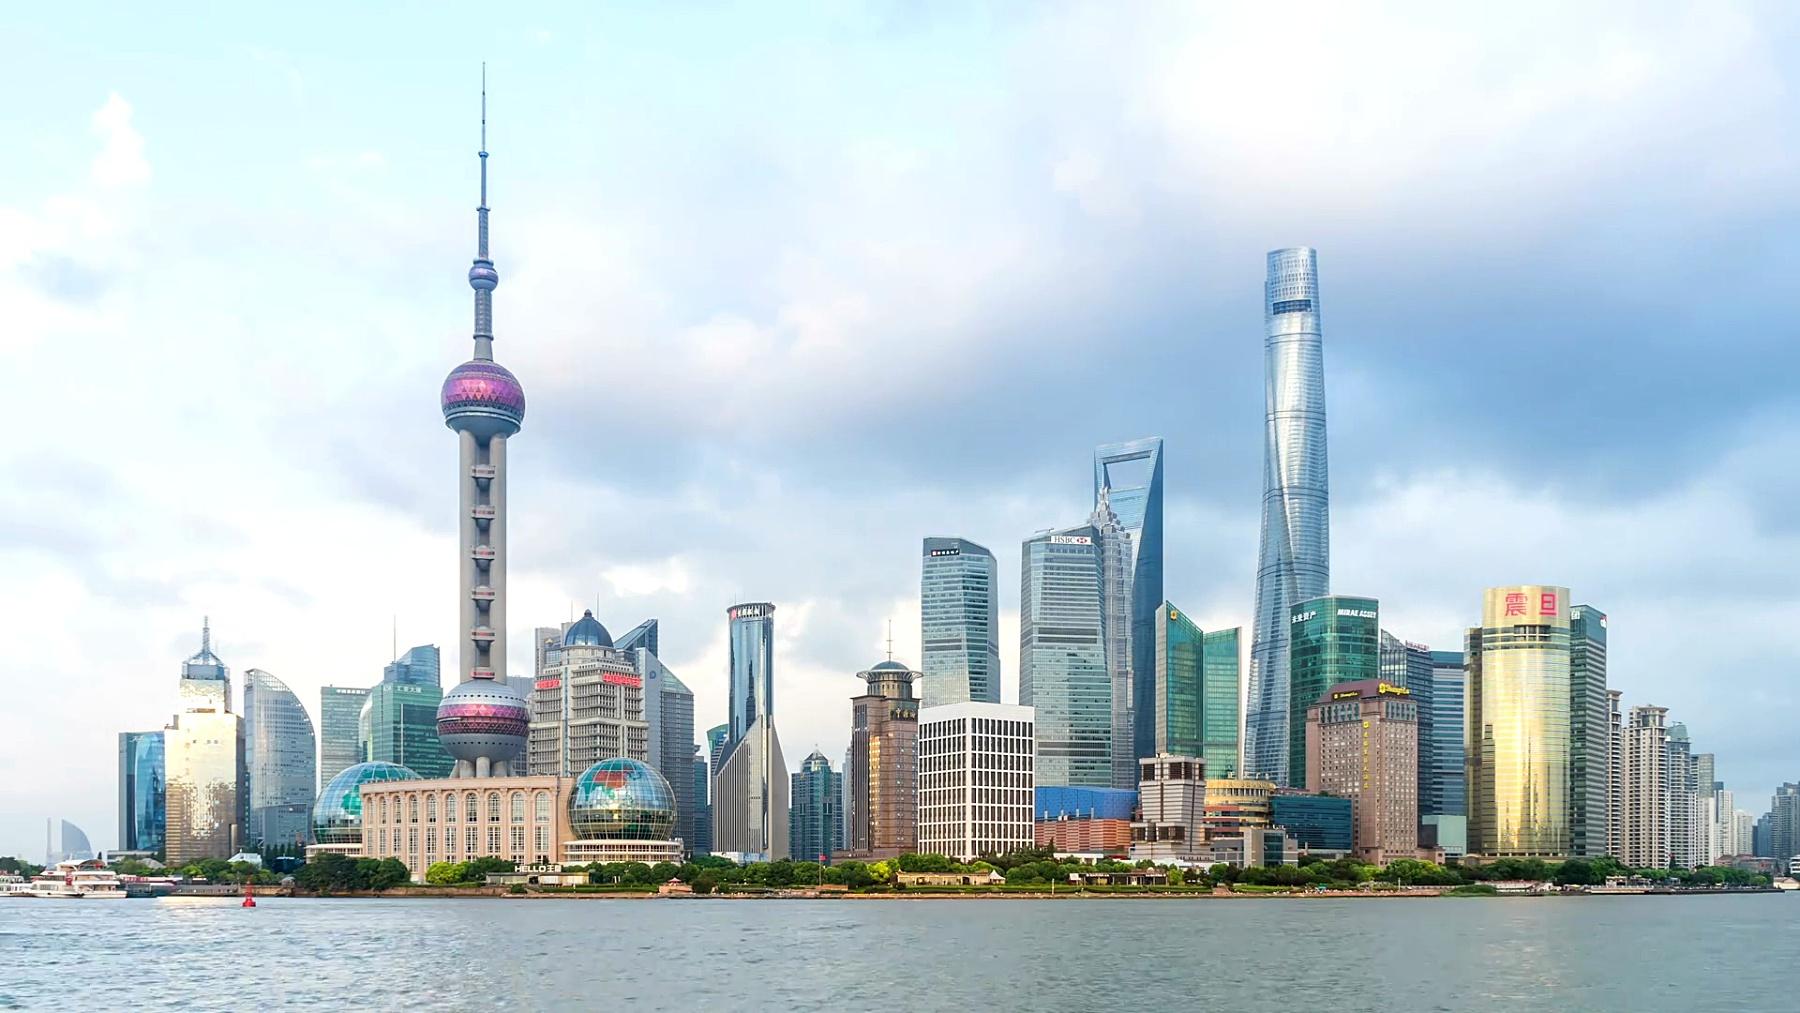 上海浦东延时摄影观看,大约2016年8月在中国上海。